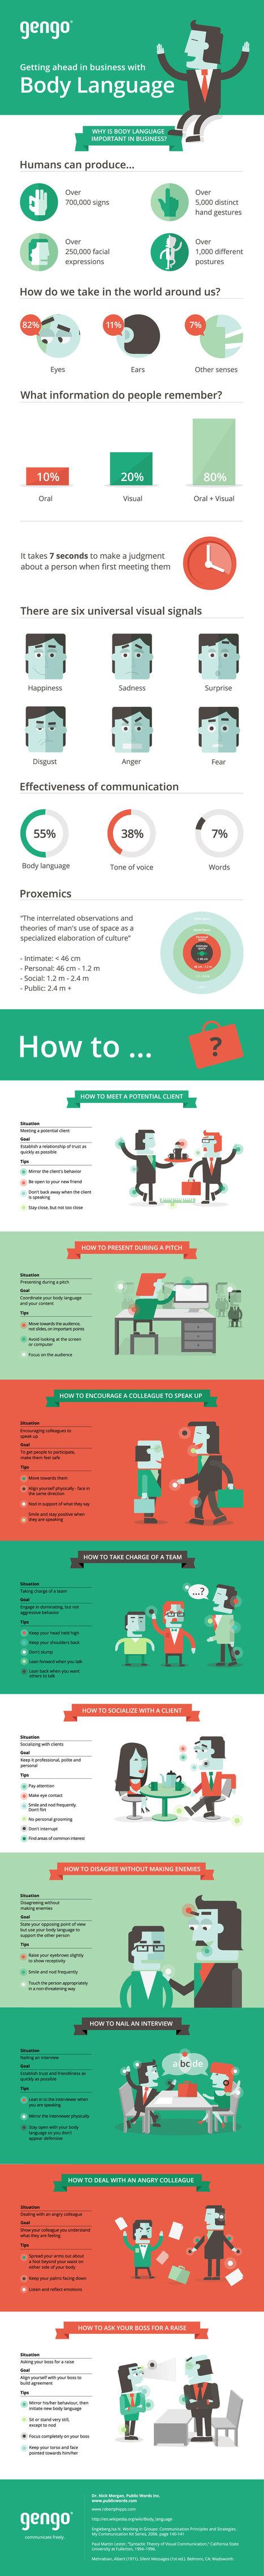 El lenguaje corporal en los negocios #infografia #infographic | Análisis de Entorno y Comunicación Estratégica | Scoop.it